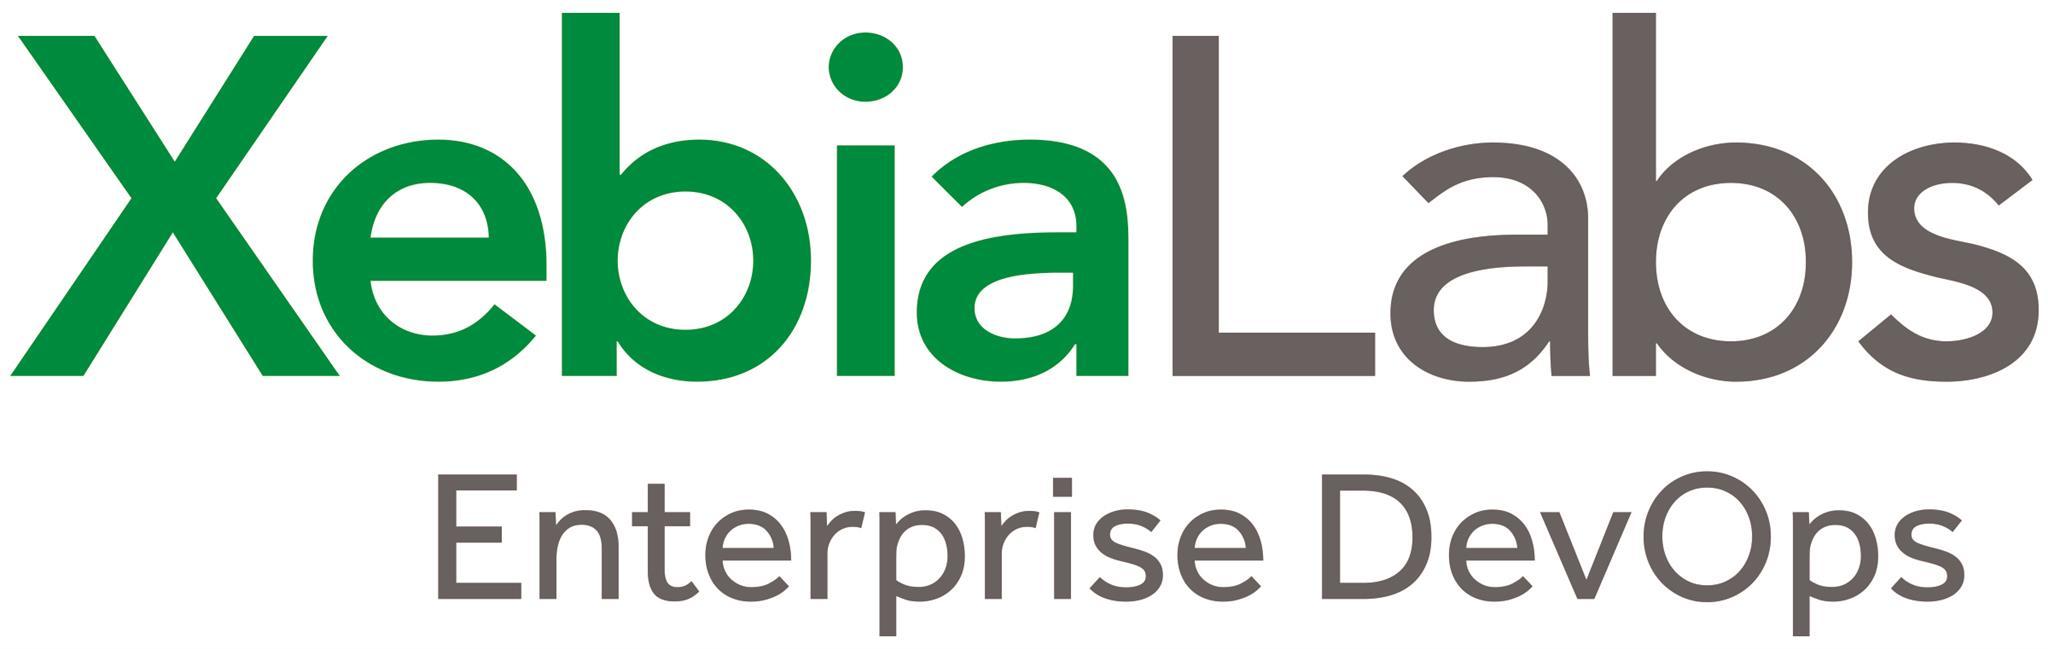 xl-logo-new-tagline.jpg